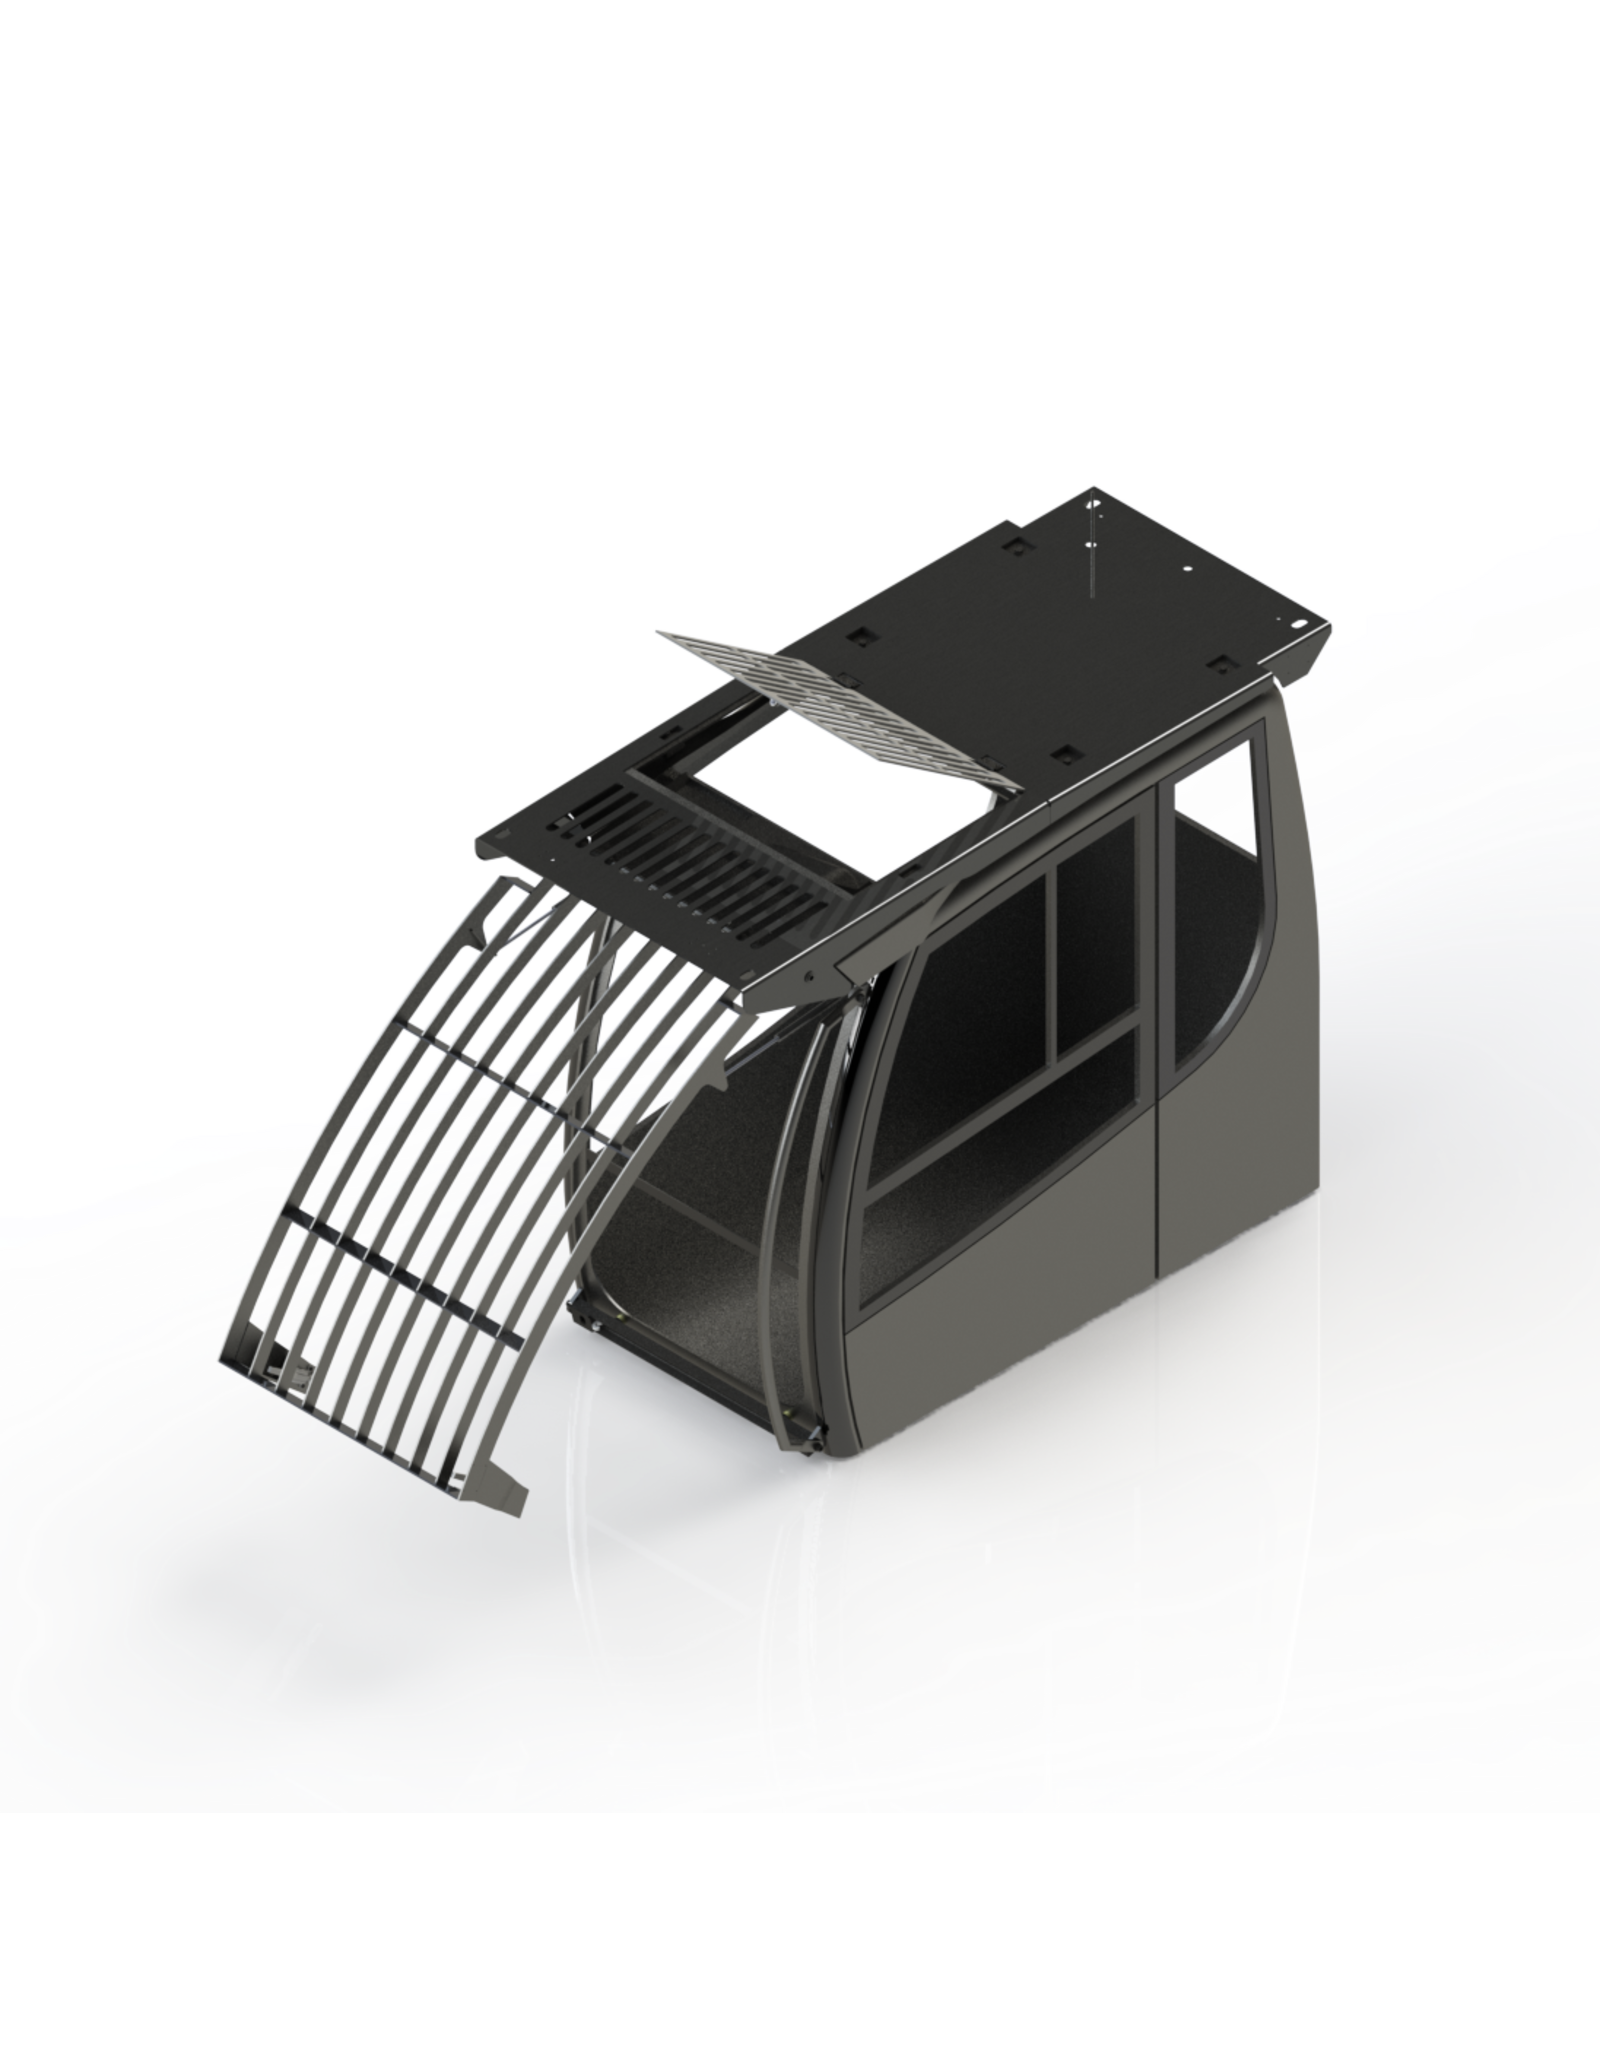 Echle Hartstahl GmbH FOPS für Liebherr R 920 Compact